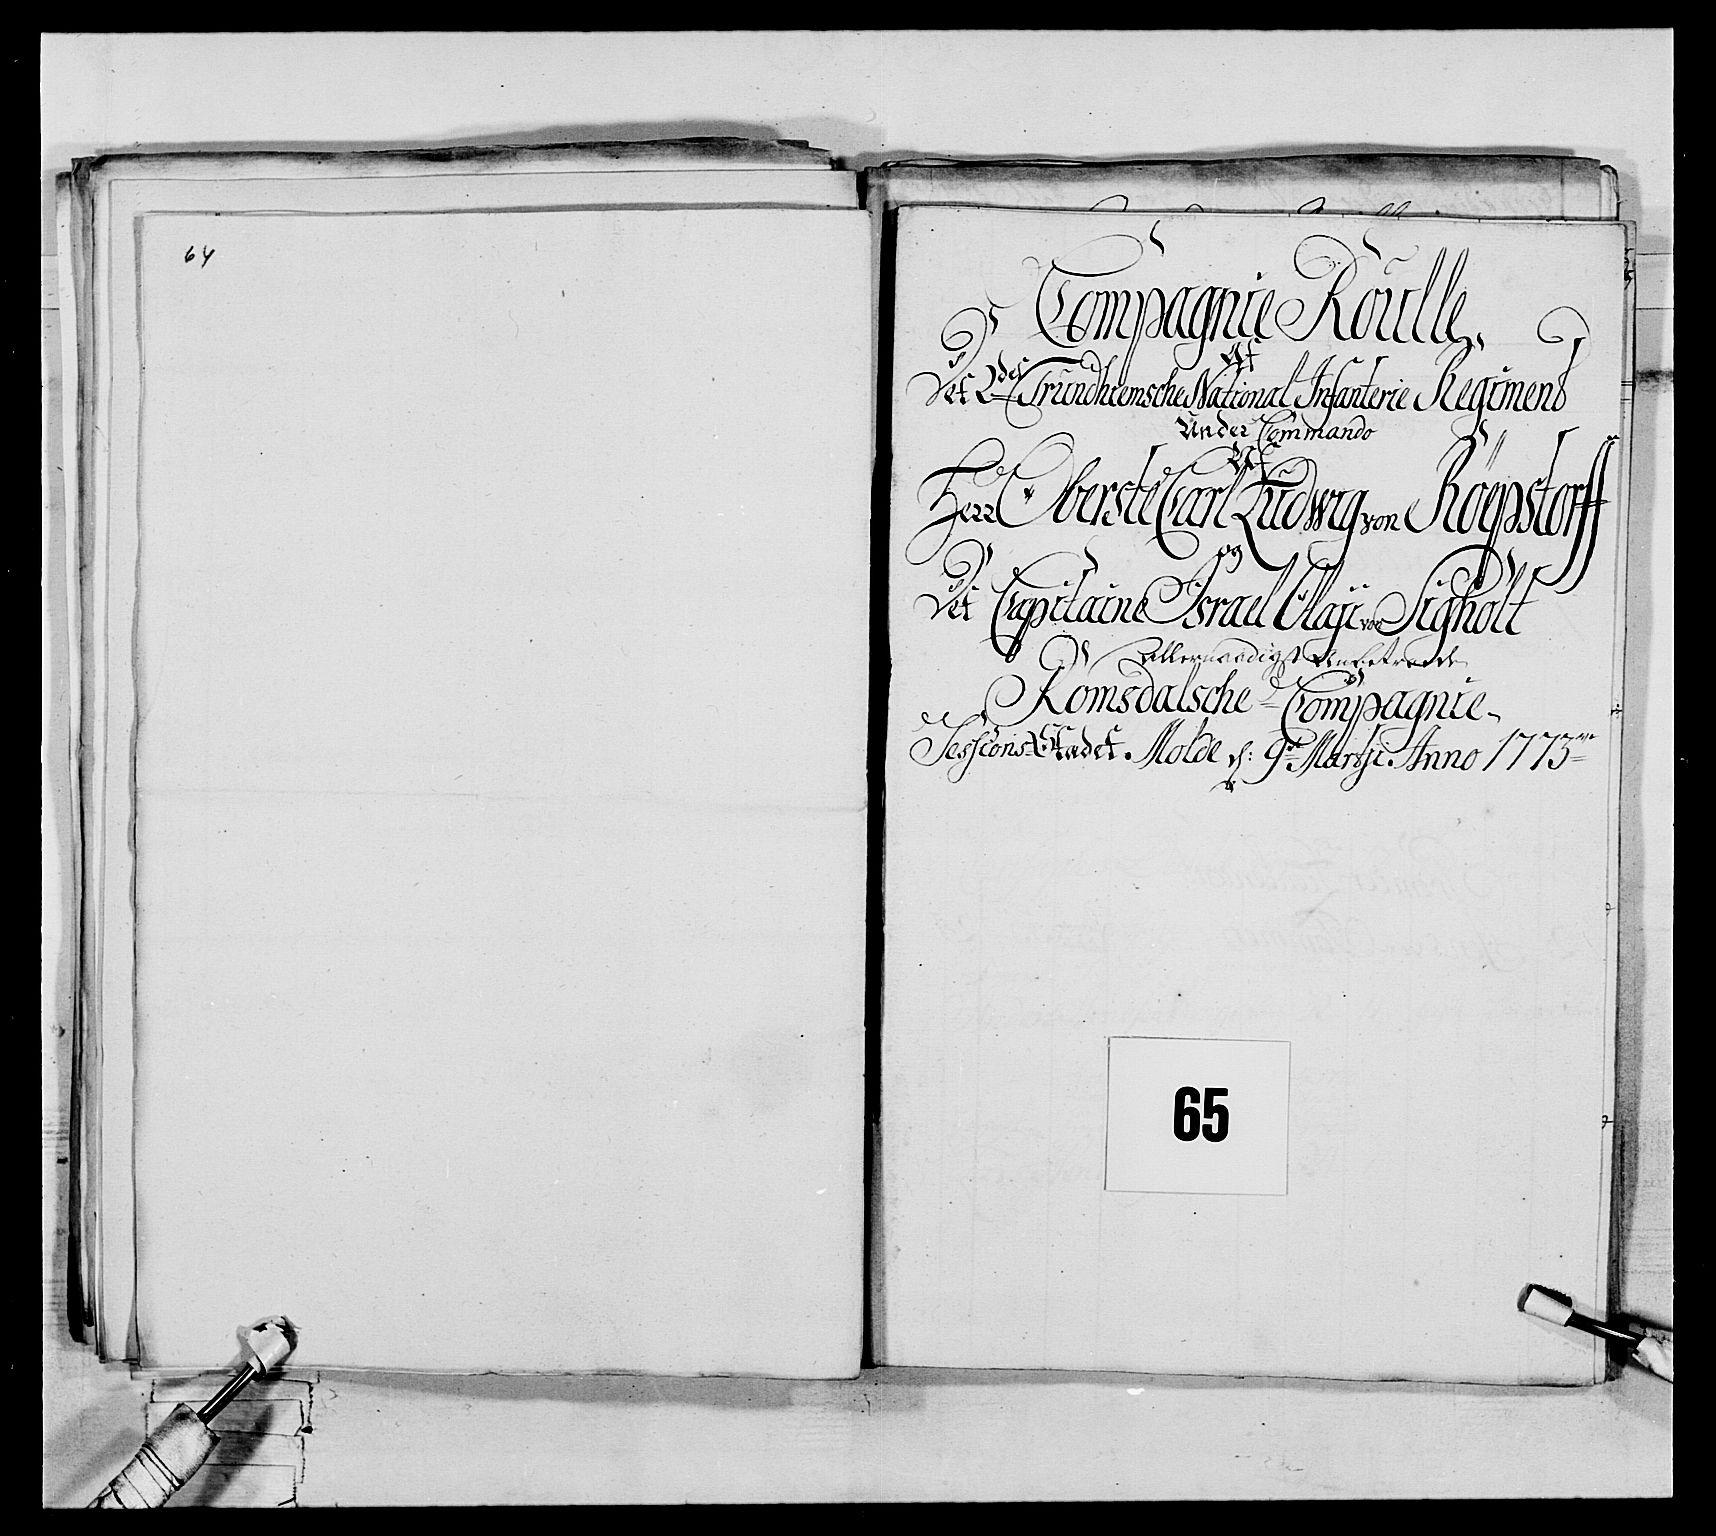 RA, Generalitets- og kommissariatskollegiet, Det kongelige norske kommissariatskollegium, E/Eh/L0076: 2. Trondheimske nasjonale infanteriregiment, 1766-1773, s. 230